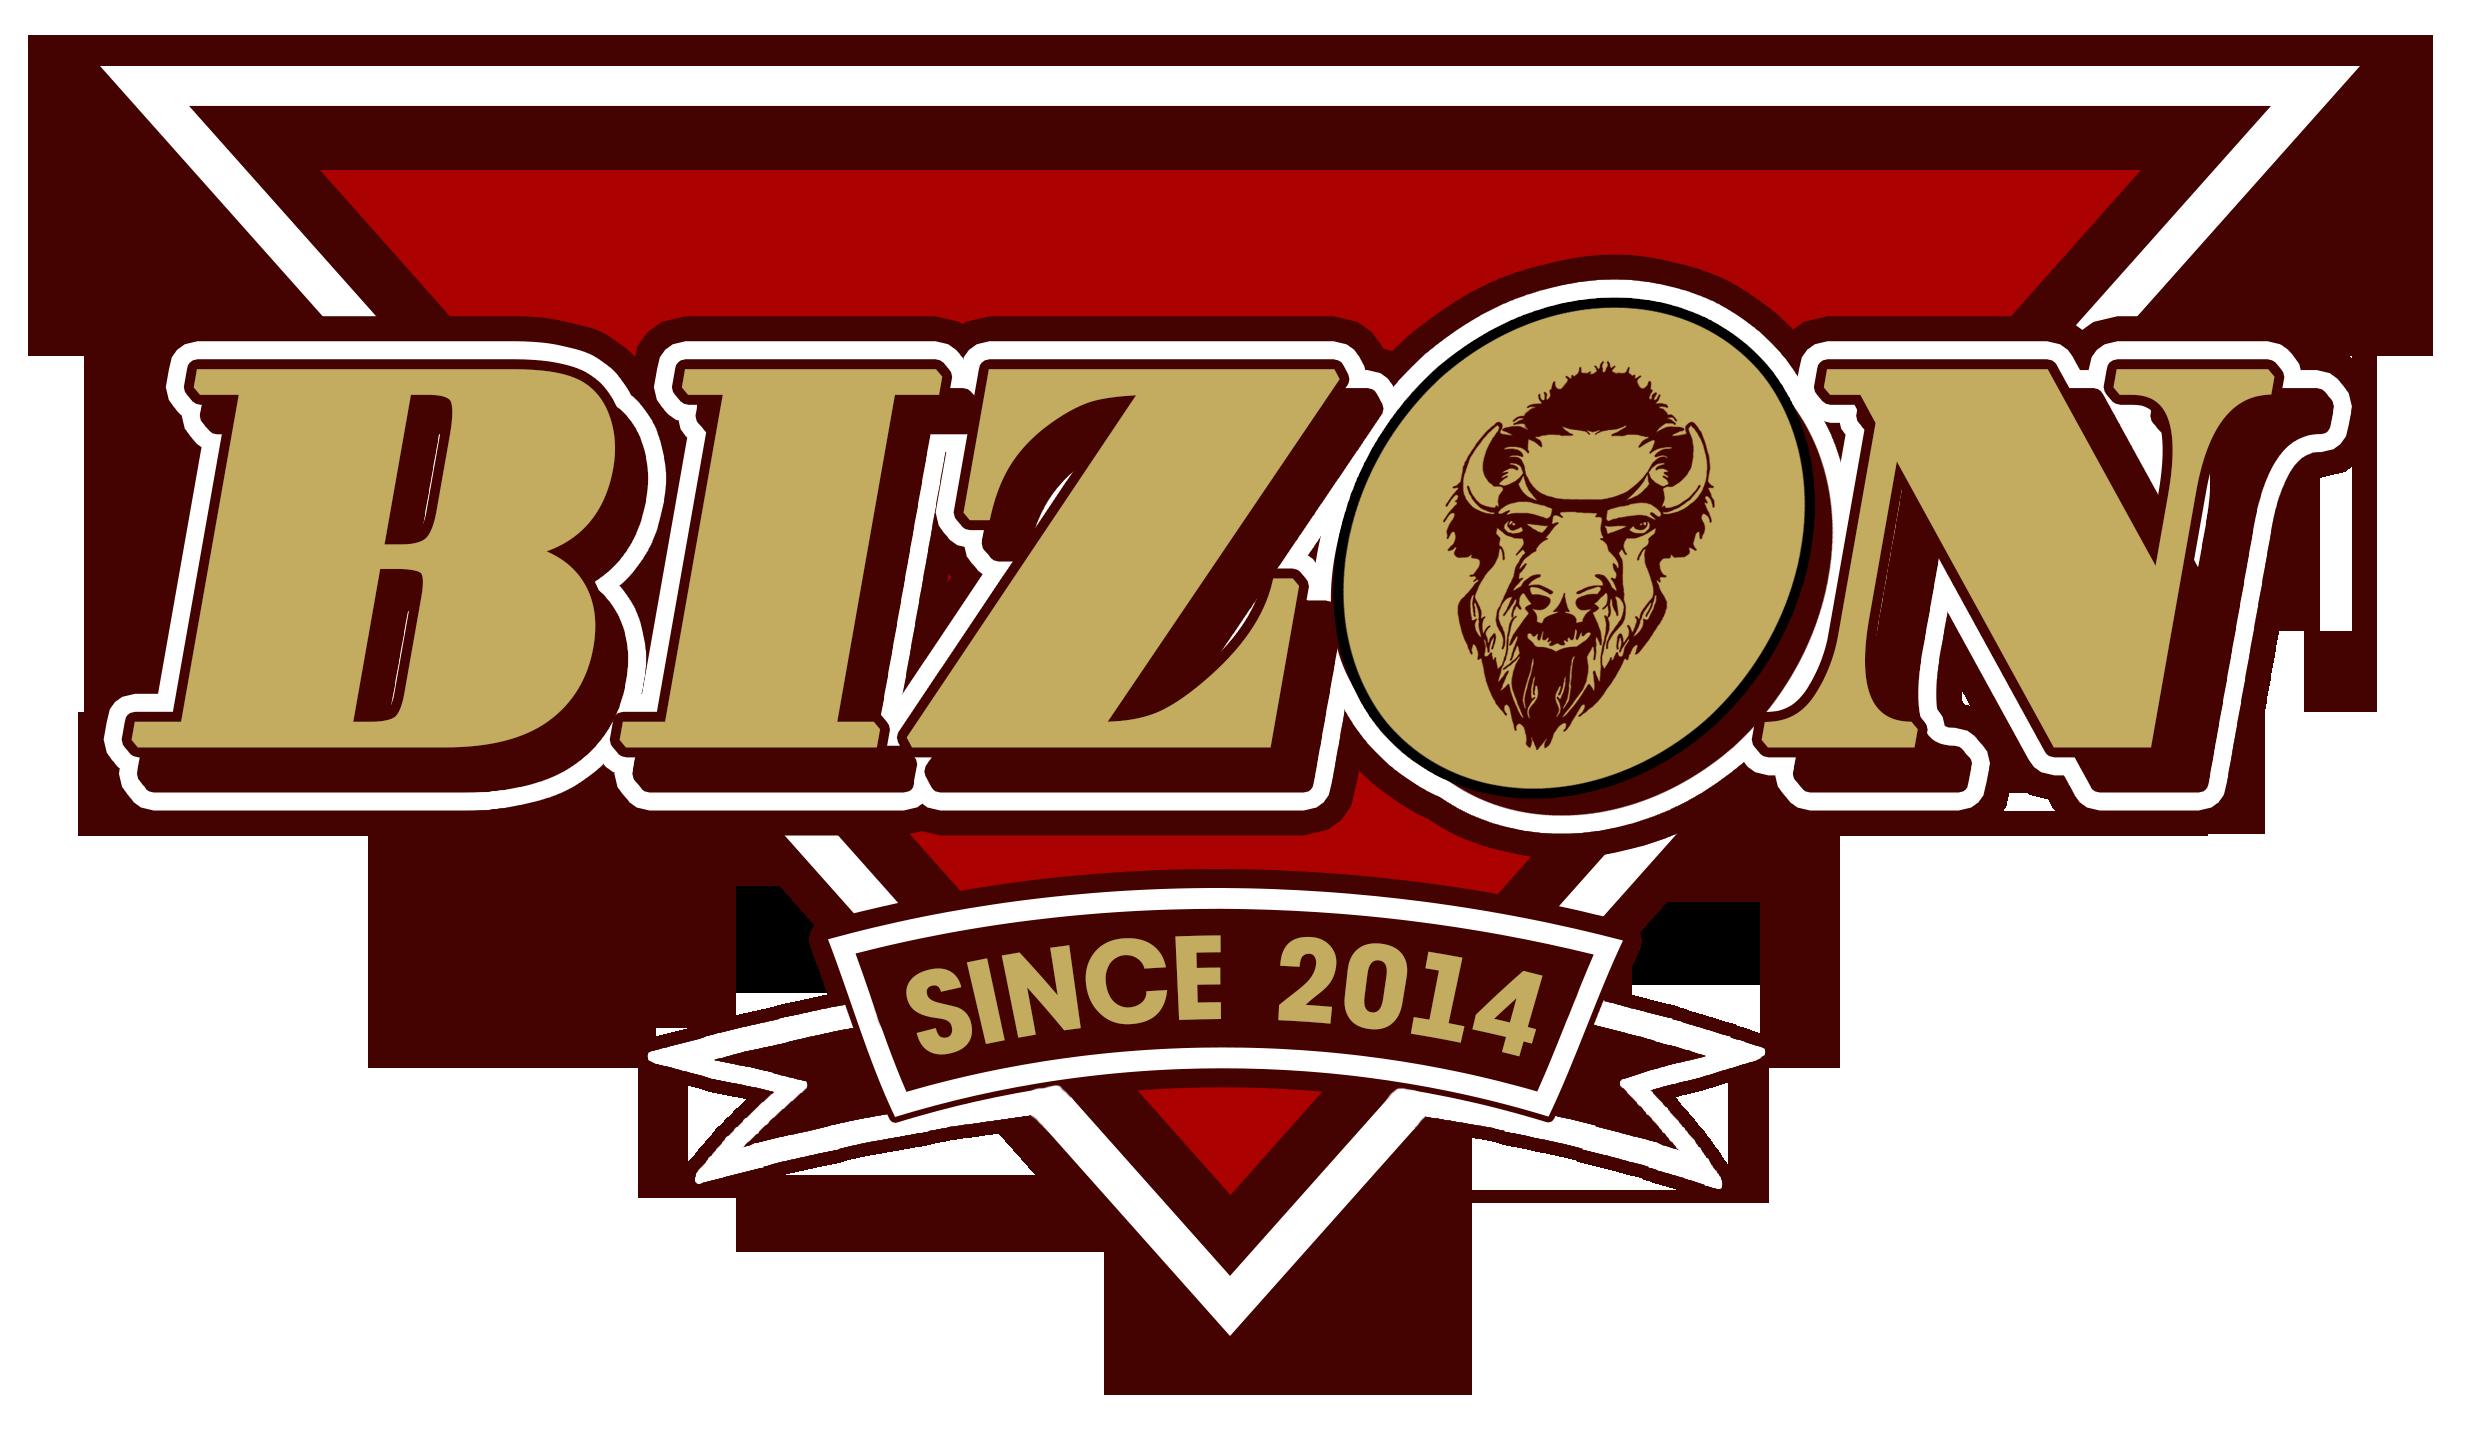 BIZON BRAND